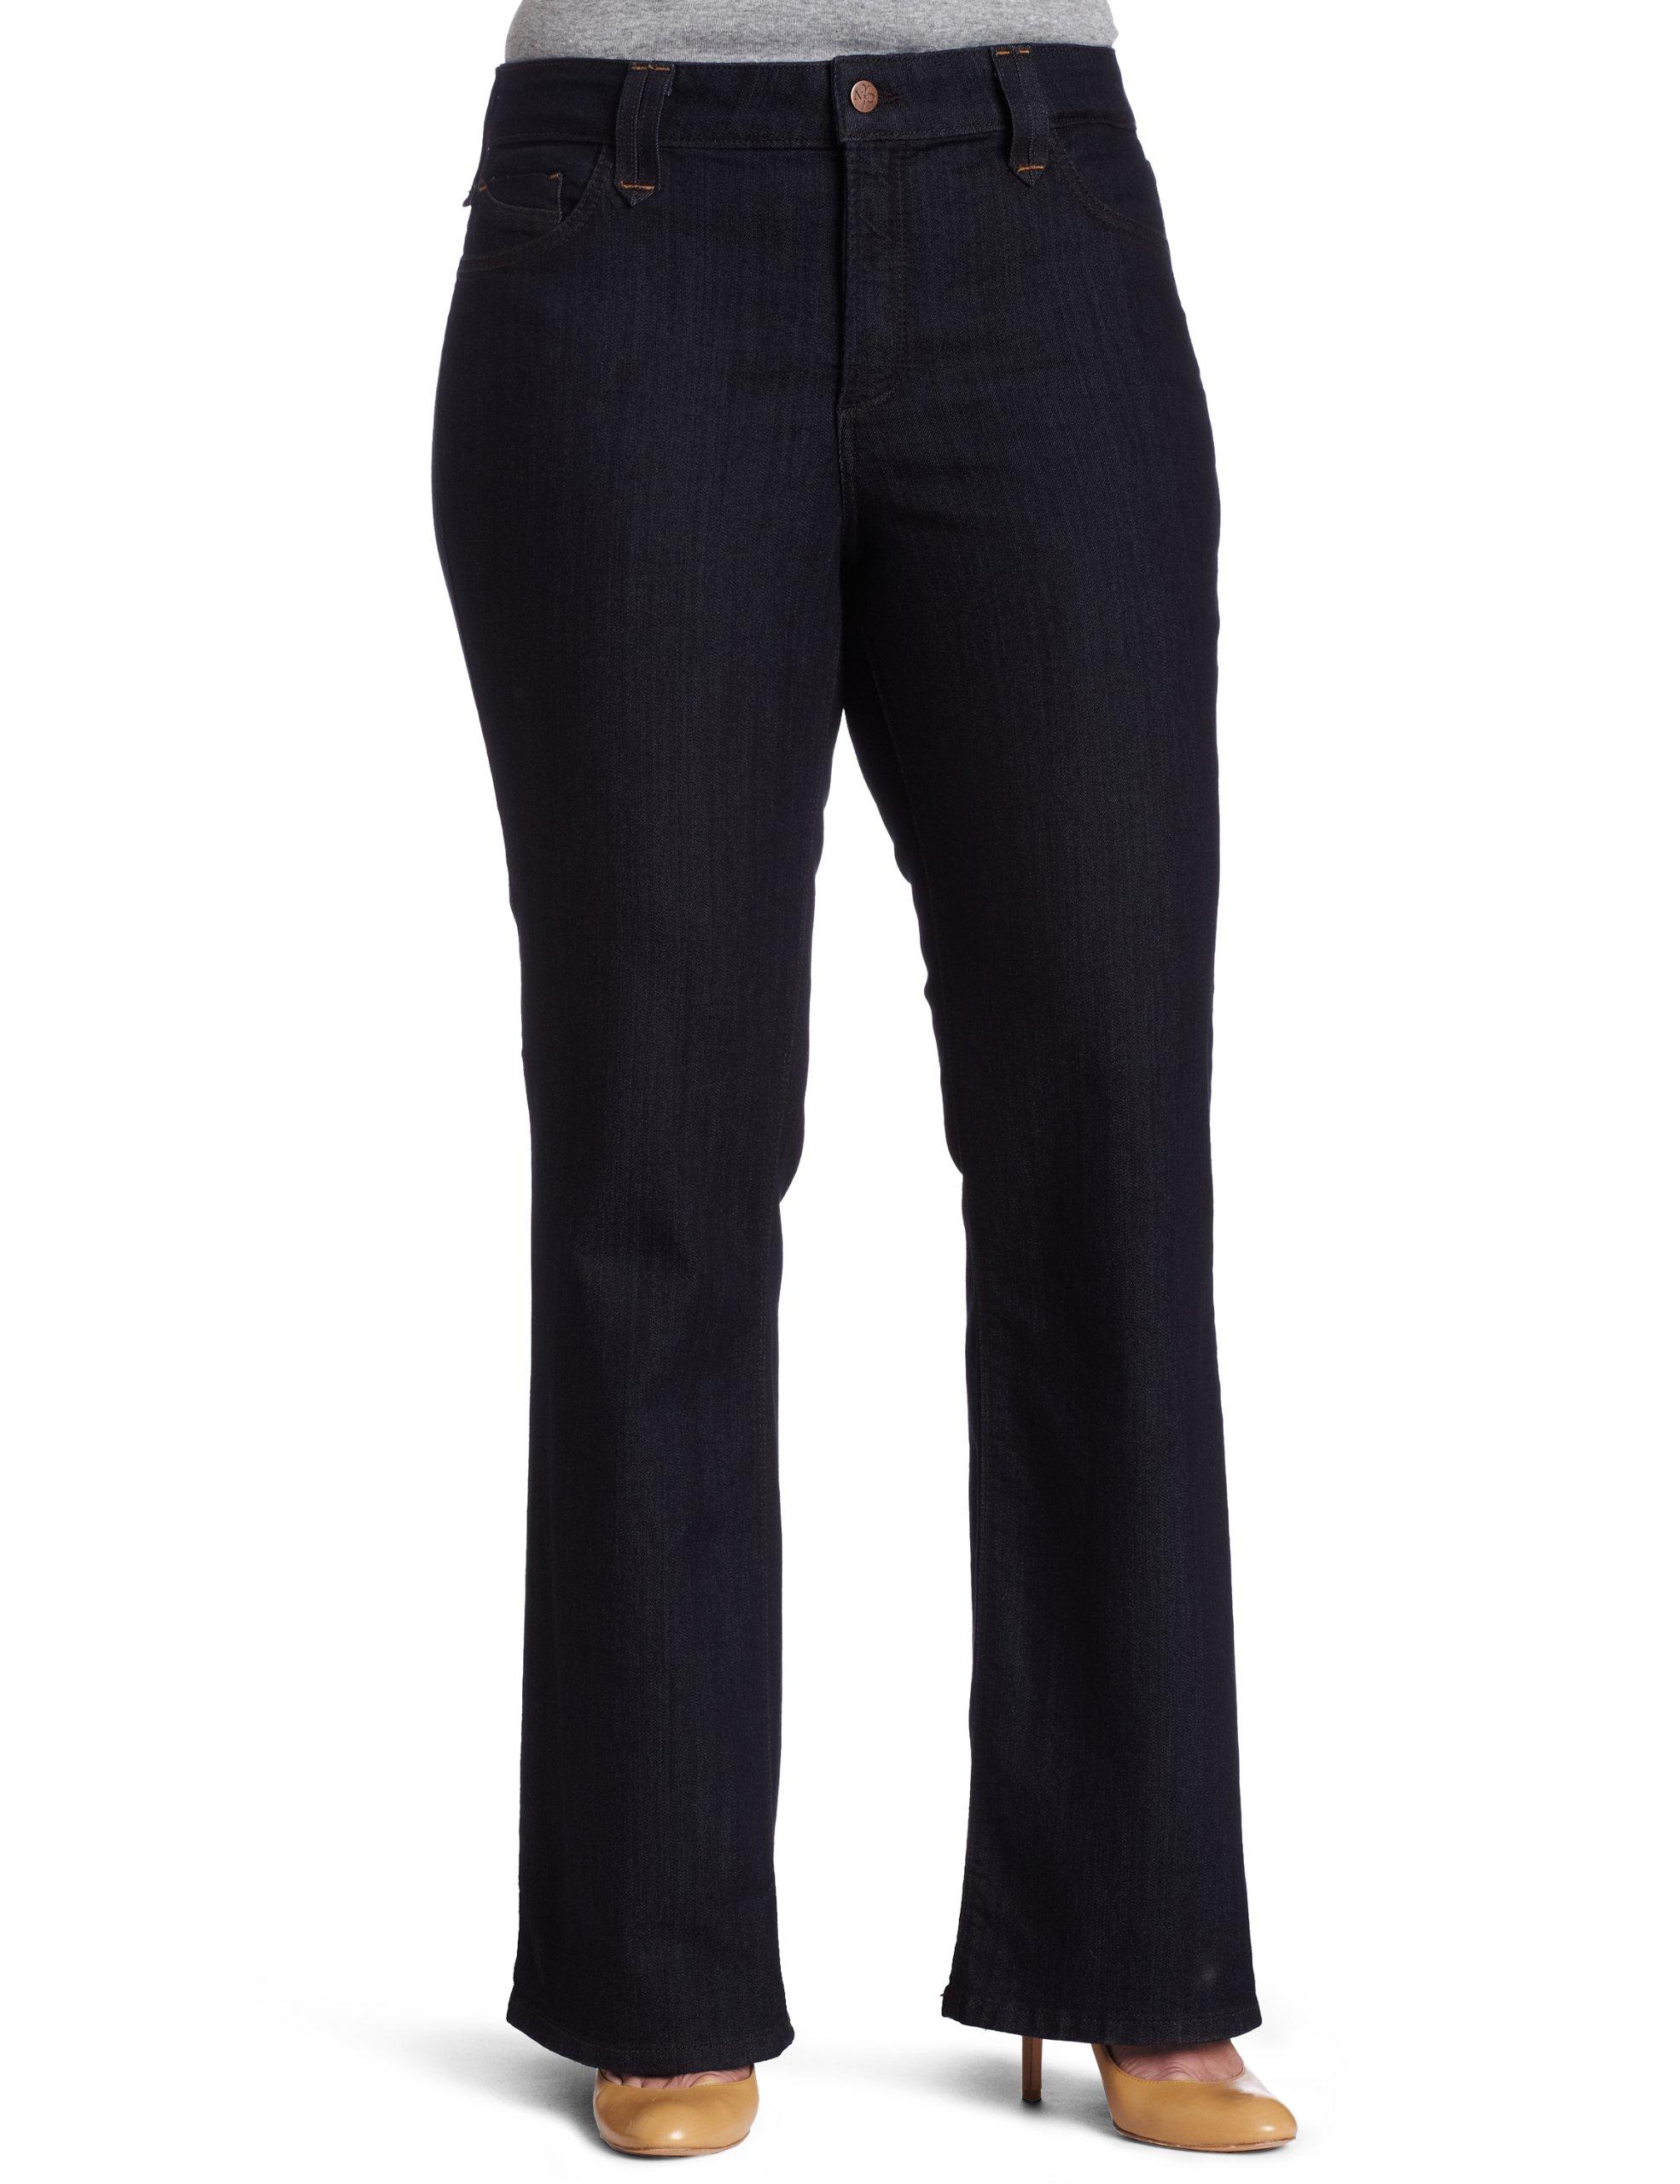 NYDJ Women's Plus-Size Hayden Modern Bootcut Jeans, Premium lightweight, 24W